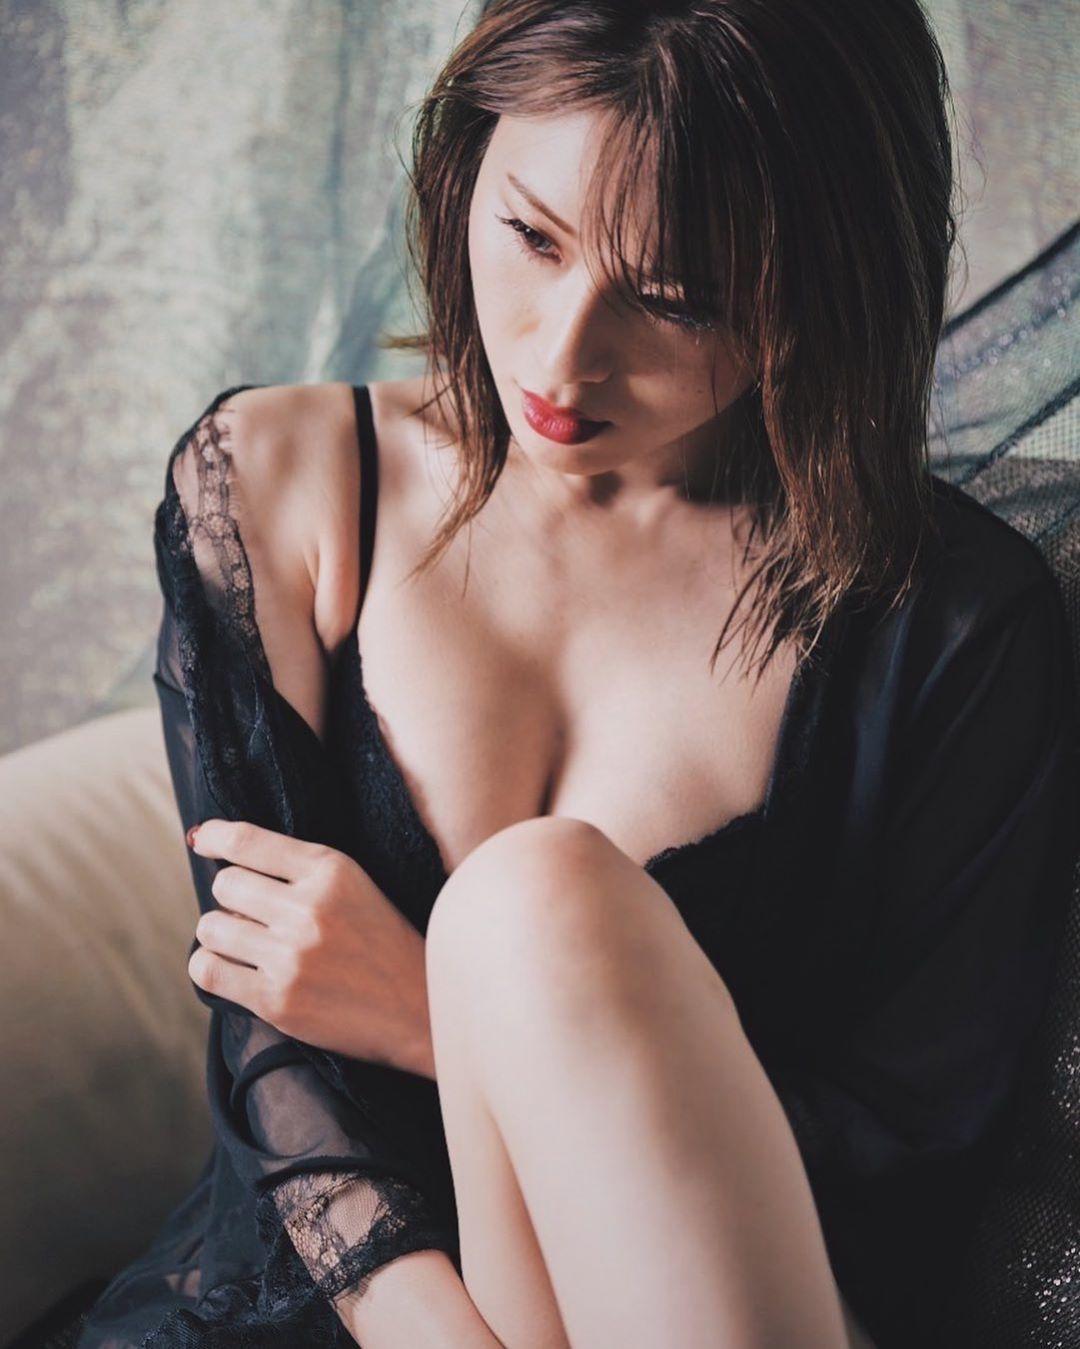 lhL7mDmo o - IG正妹—咲月 美優